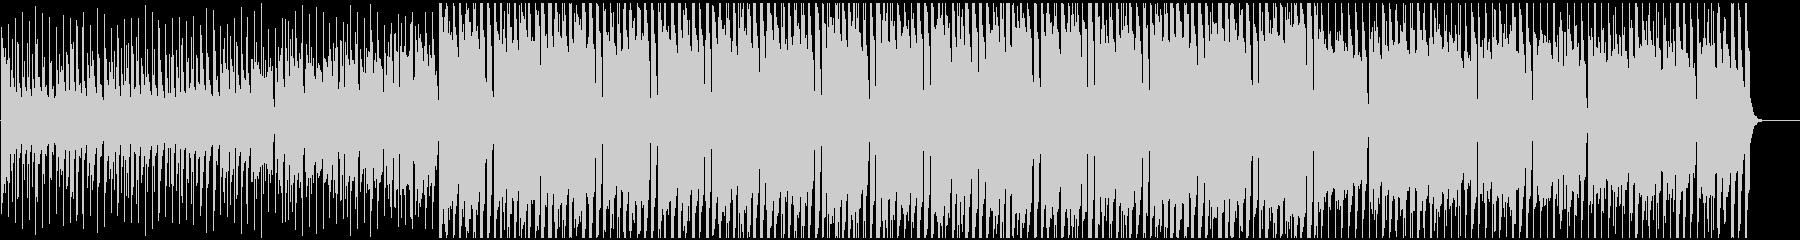 アップテンポでハッピーなハウスBGMの未再生の波形